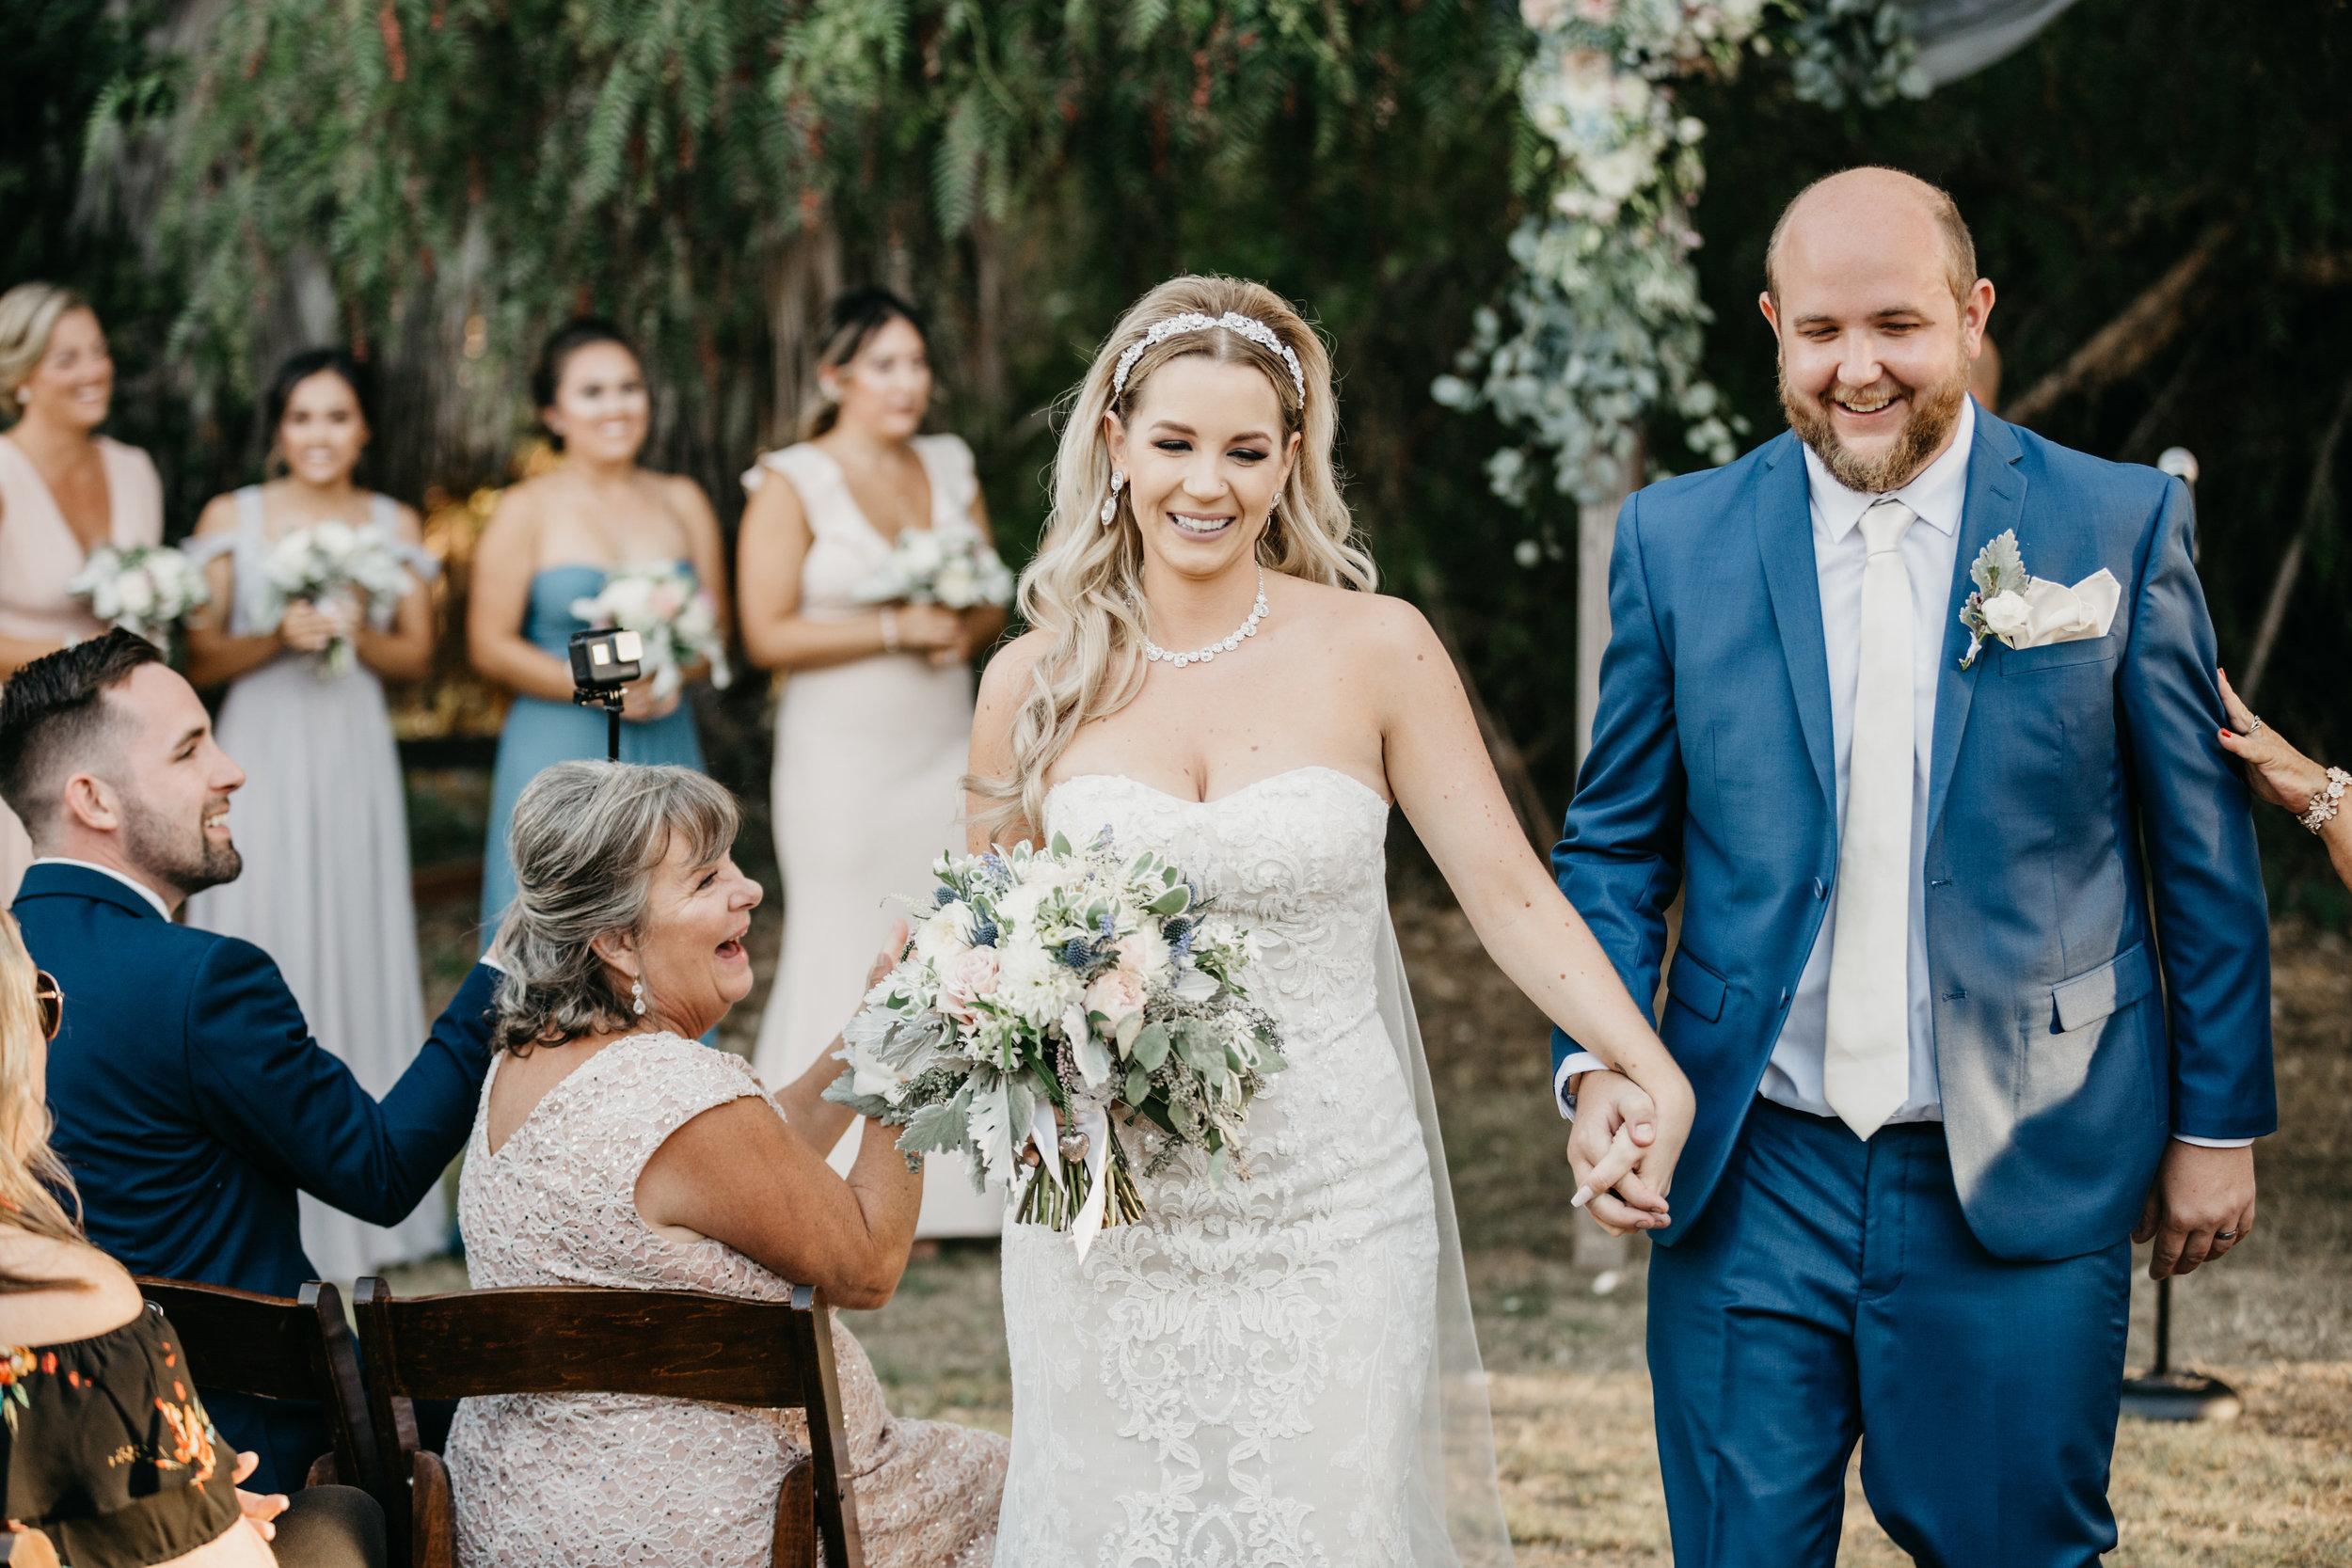 DianaLakePhoto-L+M-San-Diego-Wedding-Ceremony148.jpg